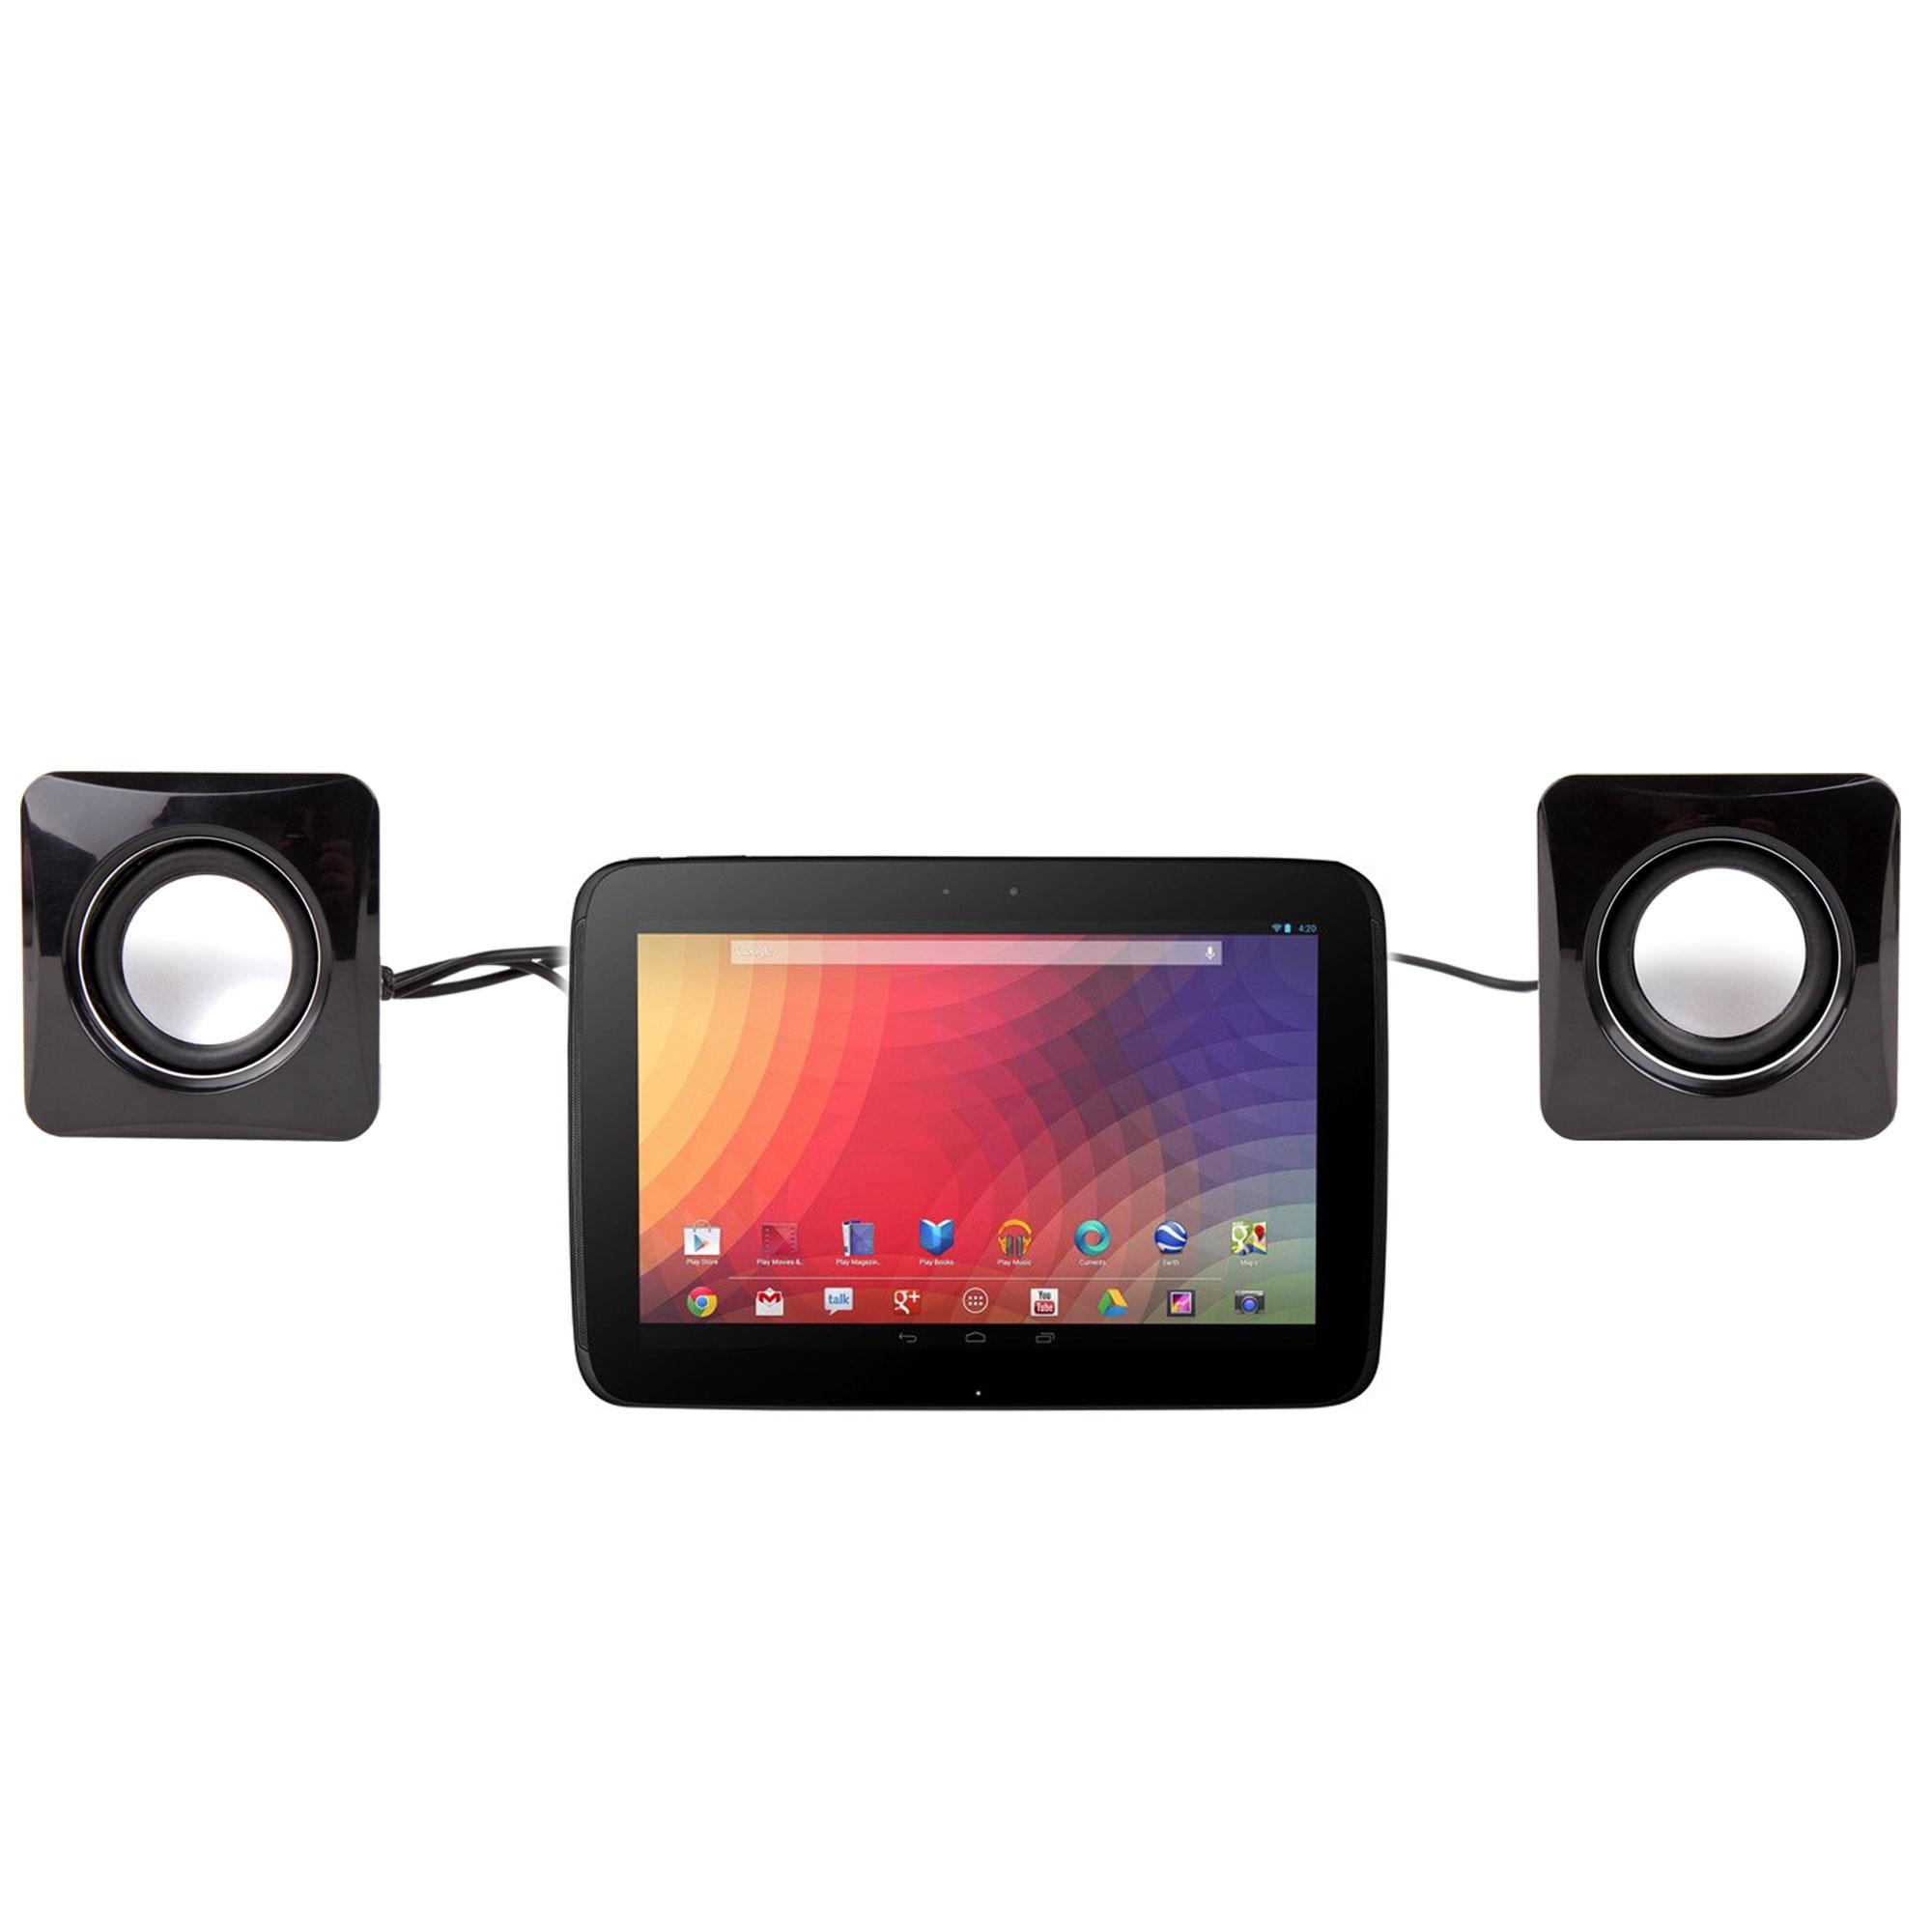 mini haut parleurs enceintes pour google nexus 10 tablette android 4 2 ebay. Black Bedroom Furniture Sets. Home Design Ideas